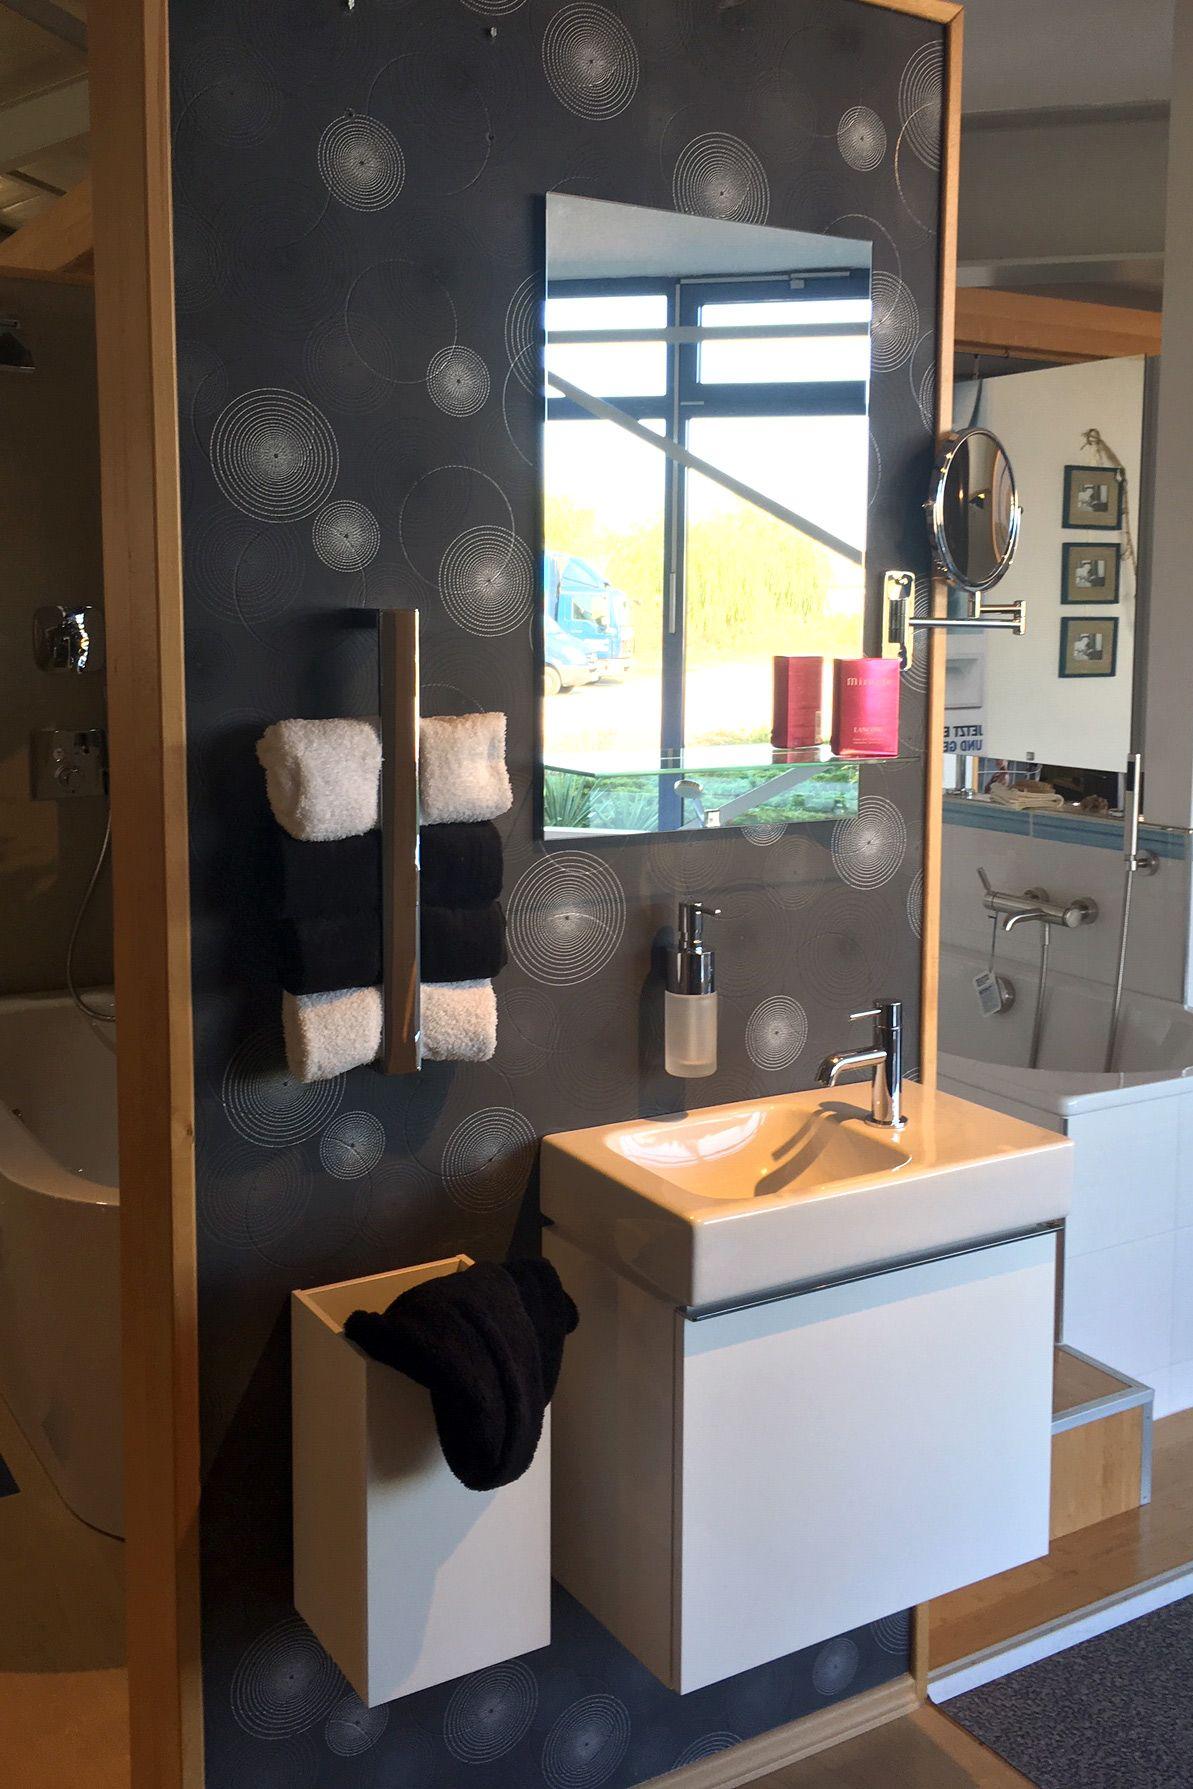 Badezimmer Badgestaltung Inneneinrichtung Waren Hausbau Renovieren Wesemeyer Waren Bad Comfort Ausstellung Bei Wesemeyer Bathroom Home Decor Und